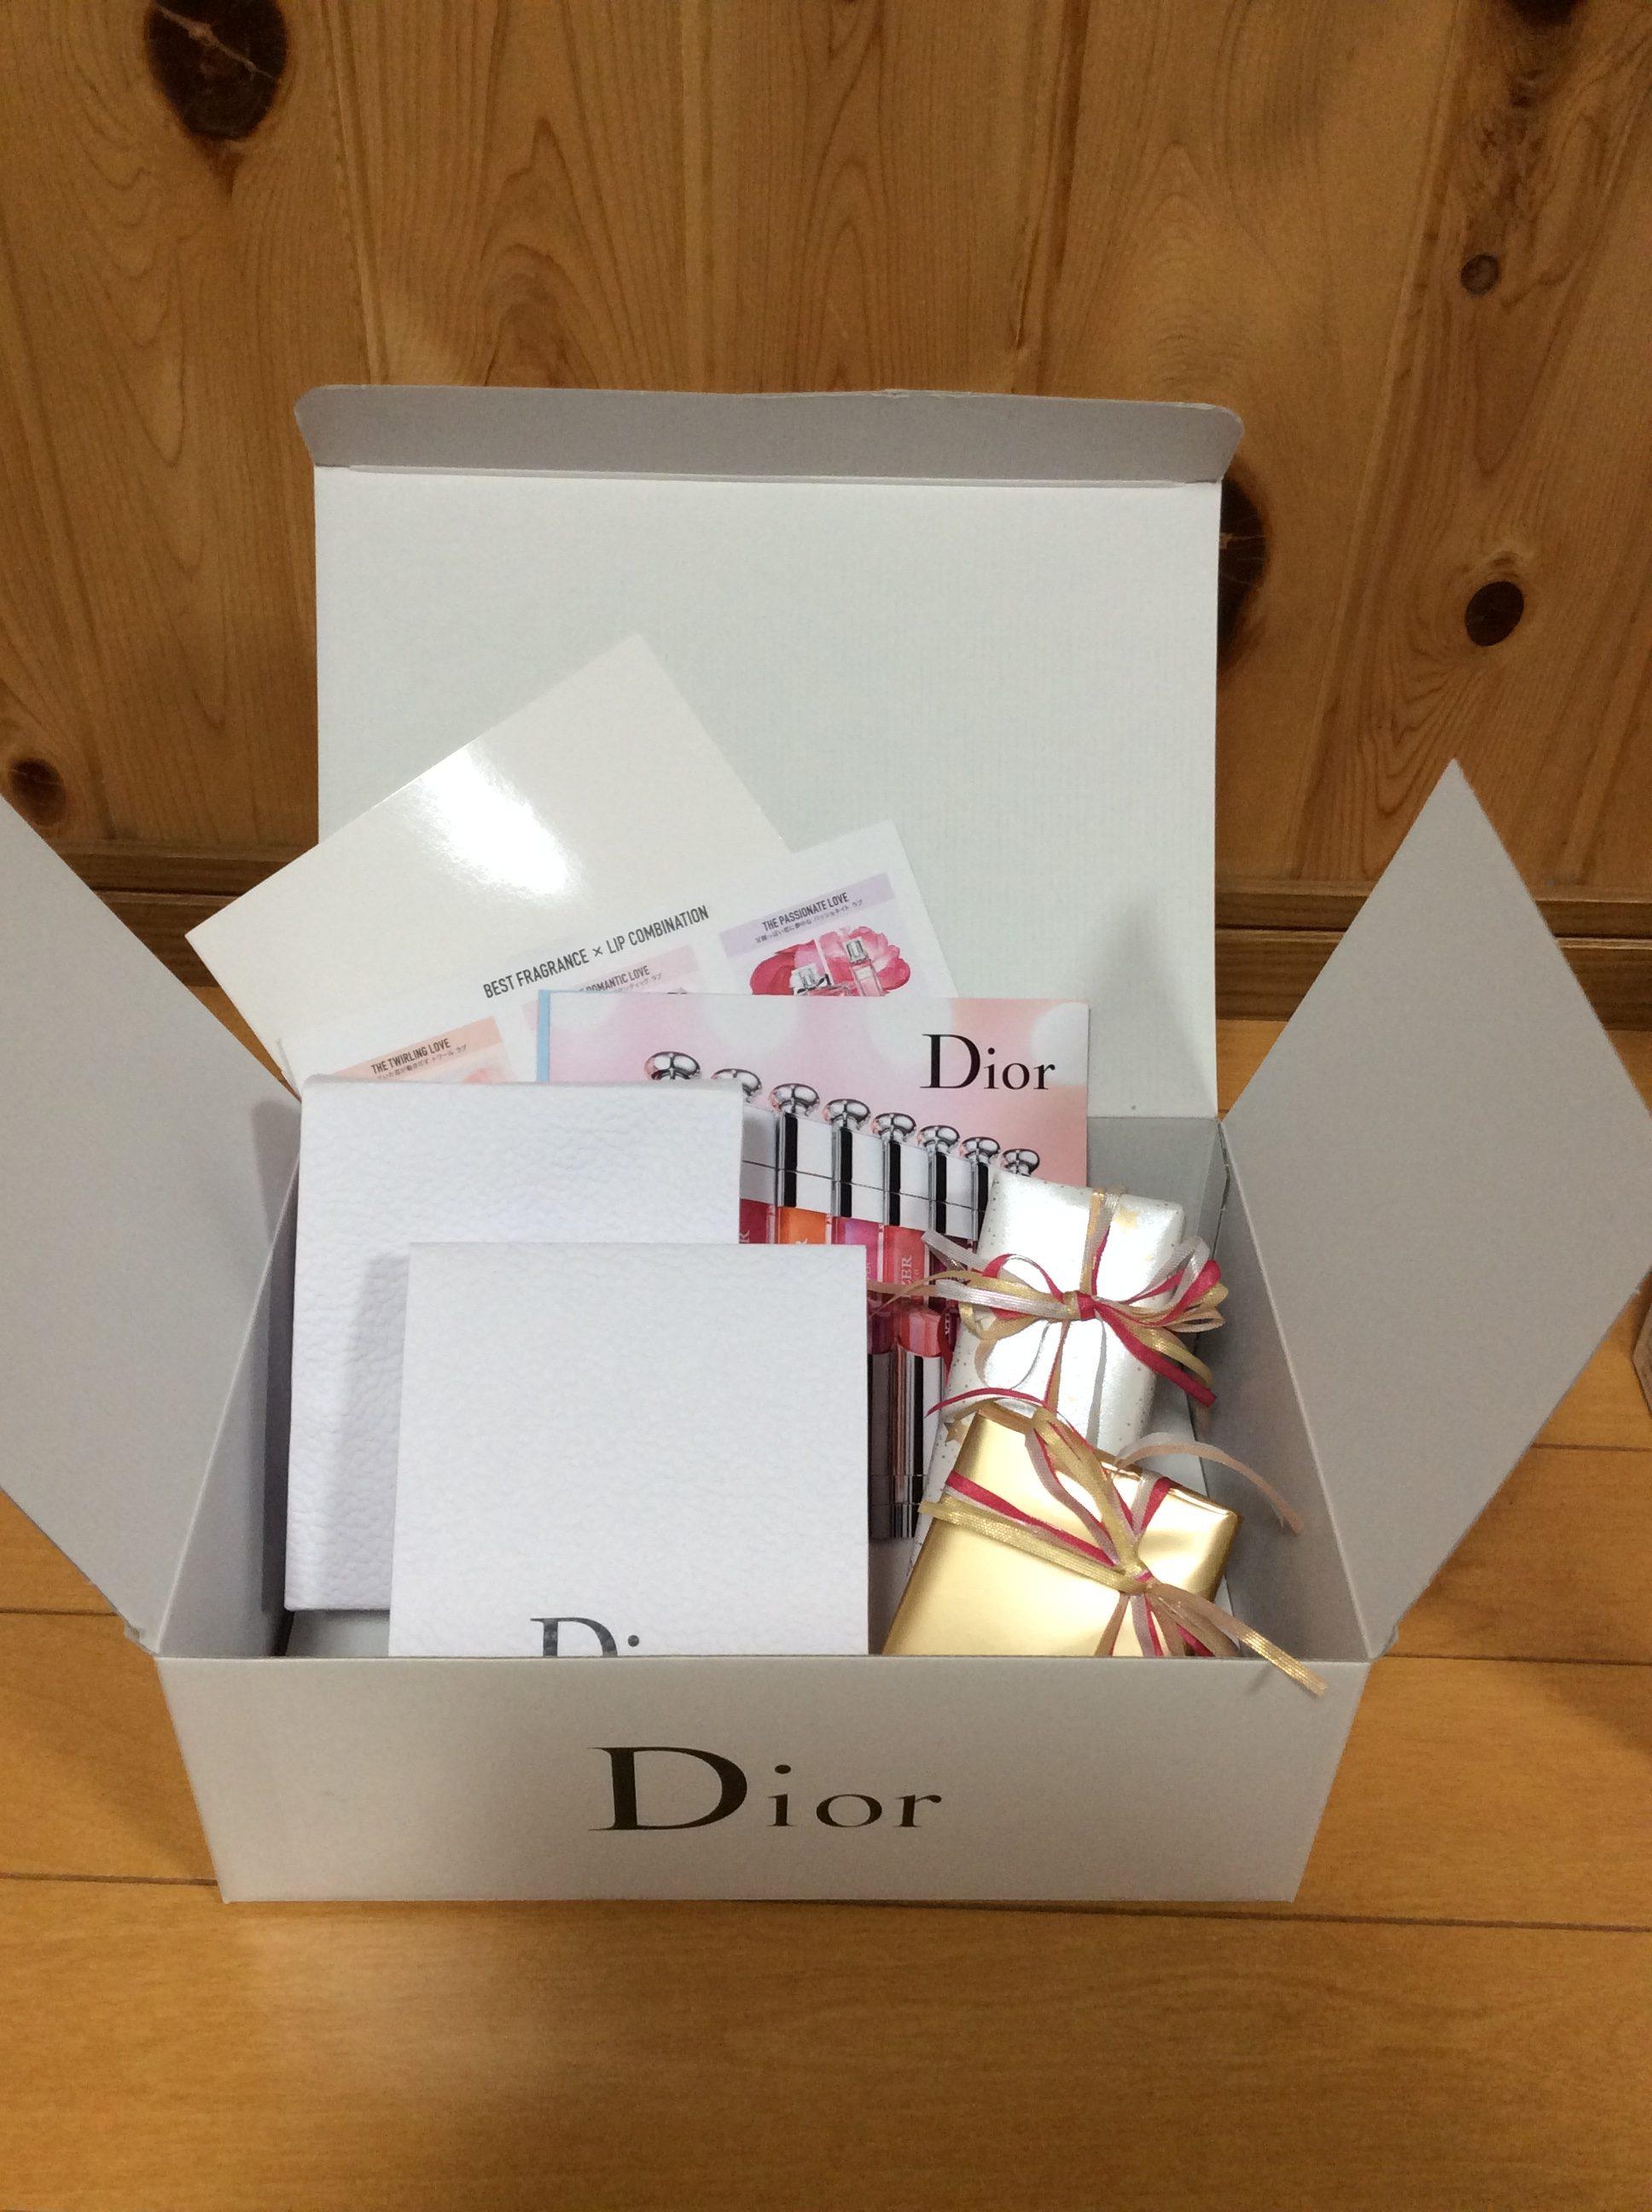 Dior ギフトボックス プランプフィラー カプチュールユース ギフトラッピング